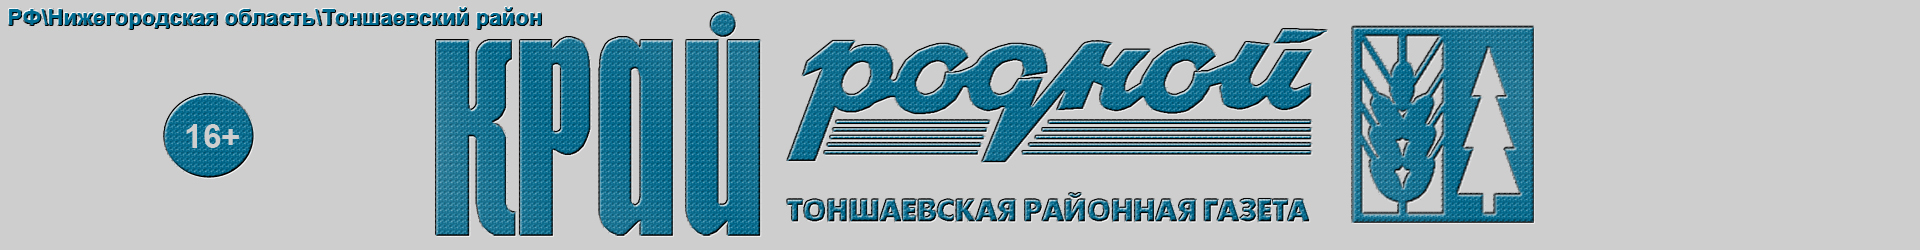 Новый случай заболевания коронавирусом выявлен в Нижегородской области